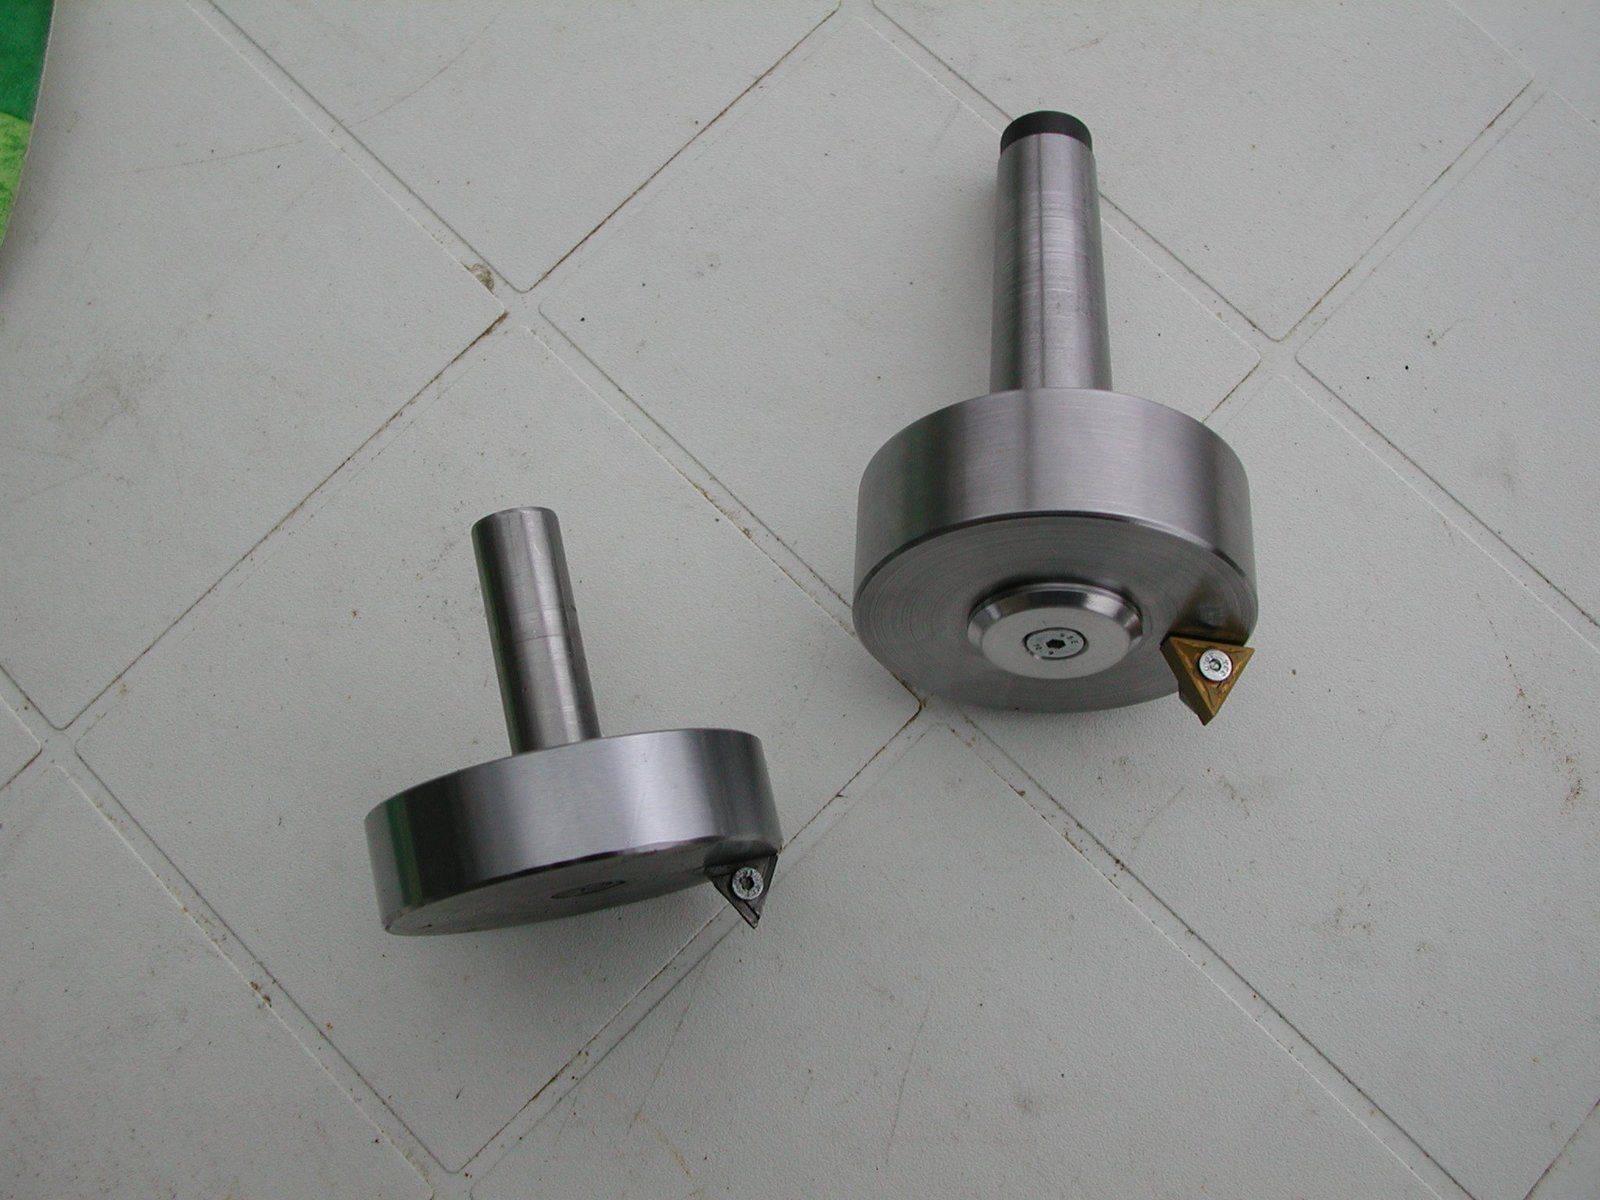 DSCN9700.JPG